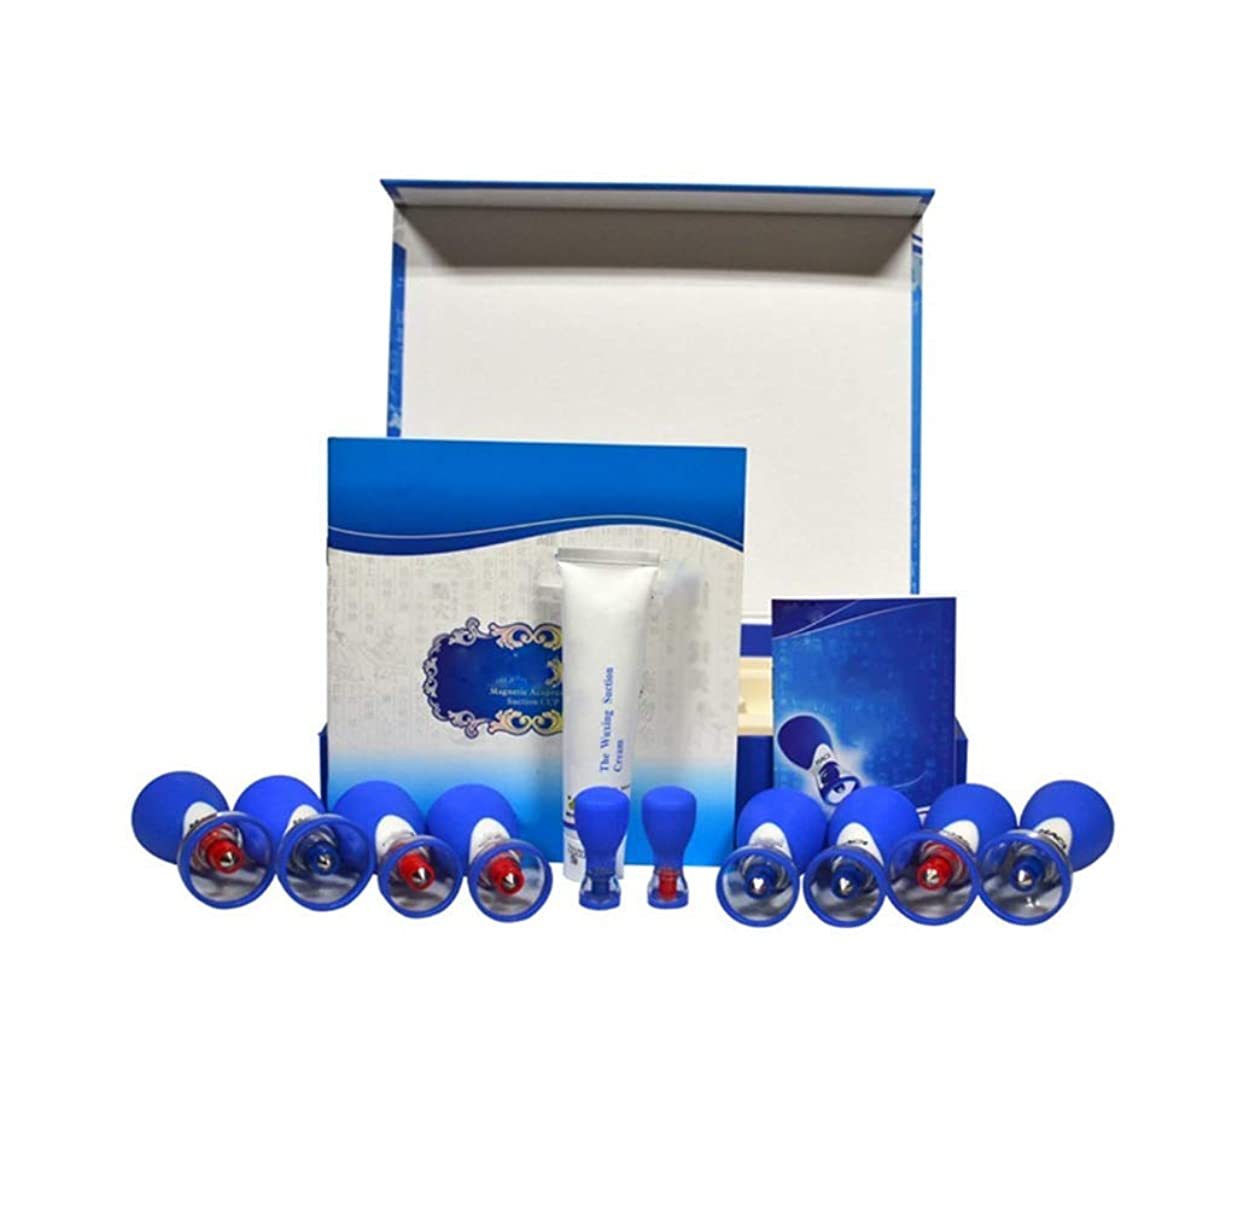 磁気カッピング、10カップ磁気指圧吸引カッピングセット、マッサージ筋肉関節痛の軽減